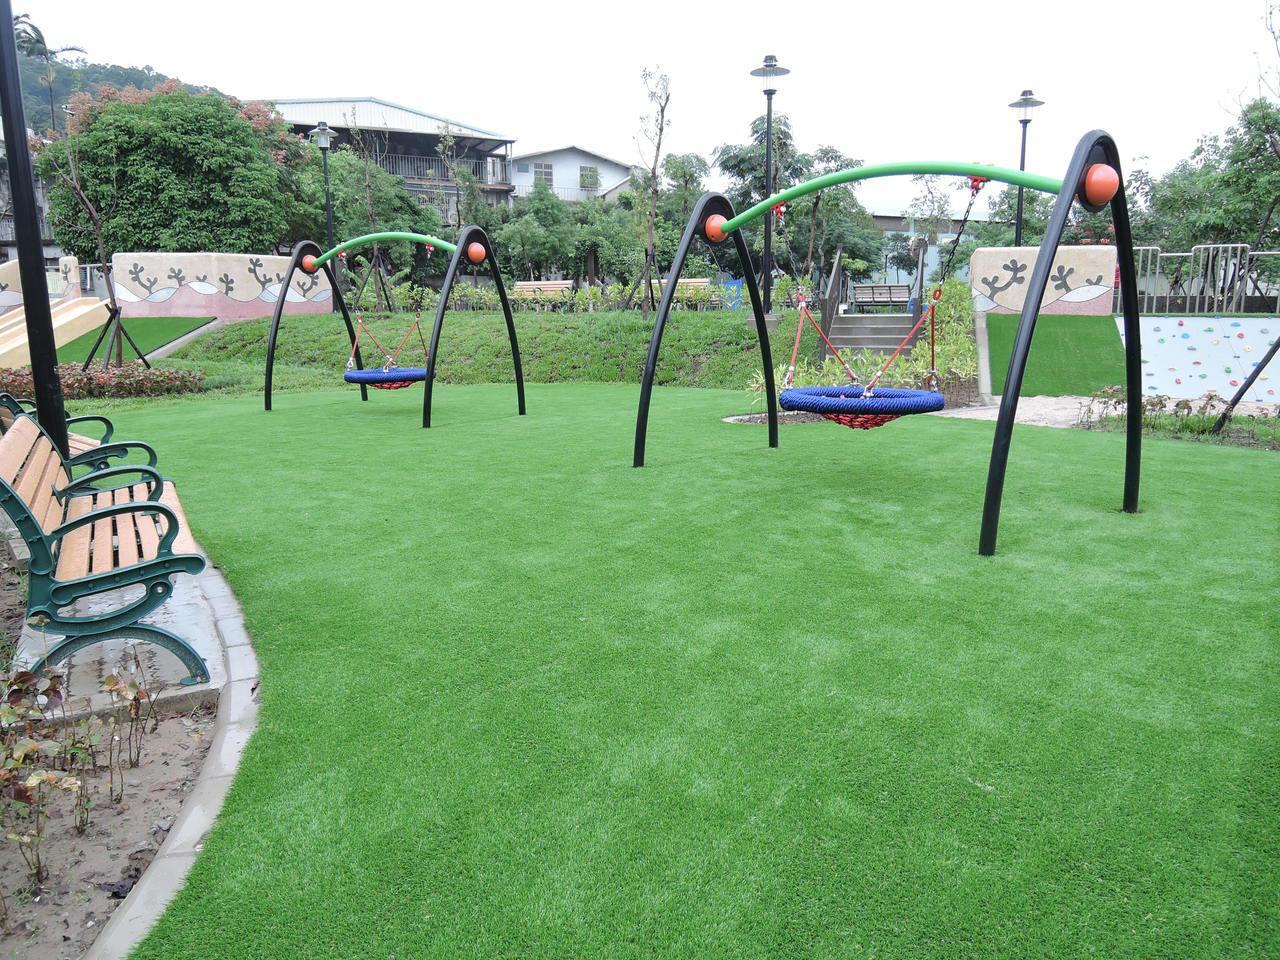 樹林鹿角溪公園設有共融式遊具,提供社區民眾親子休閒的好場所。記者陳珮琦/攝影